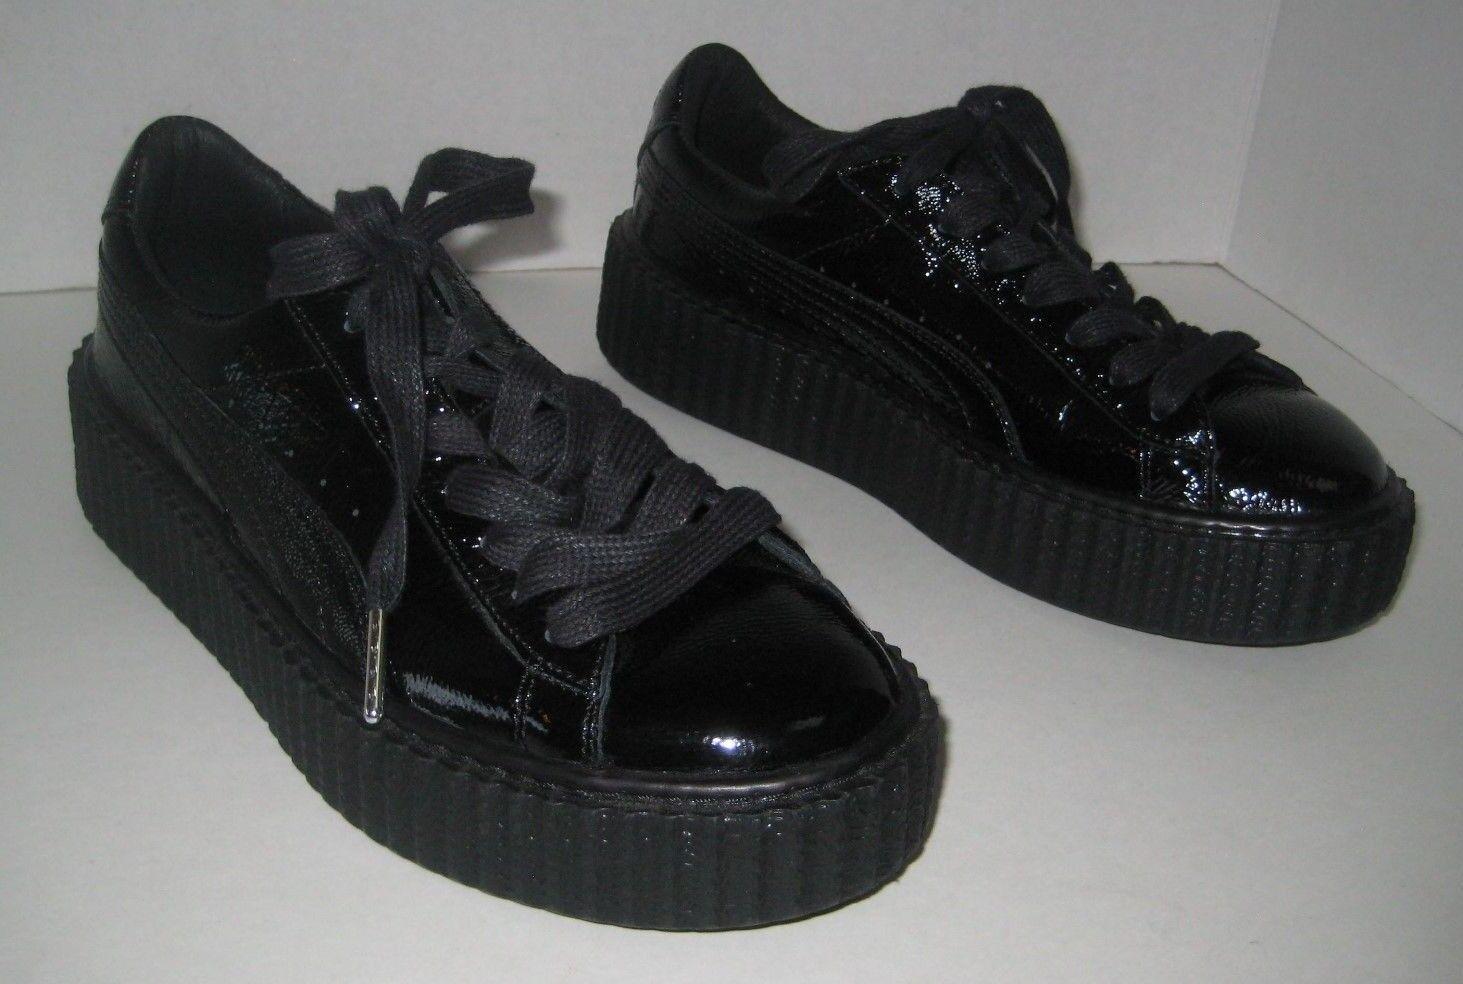 Puma fenty da rihanna nero creeper e scarpe da ginnastica le dimensioni 7